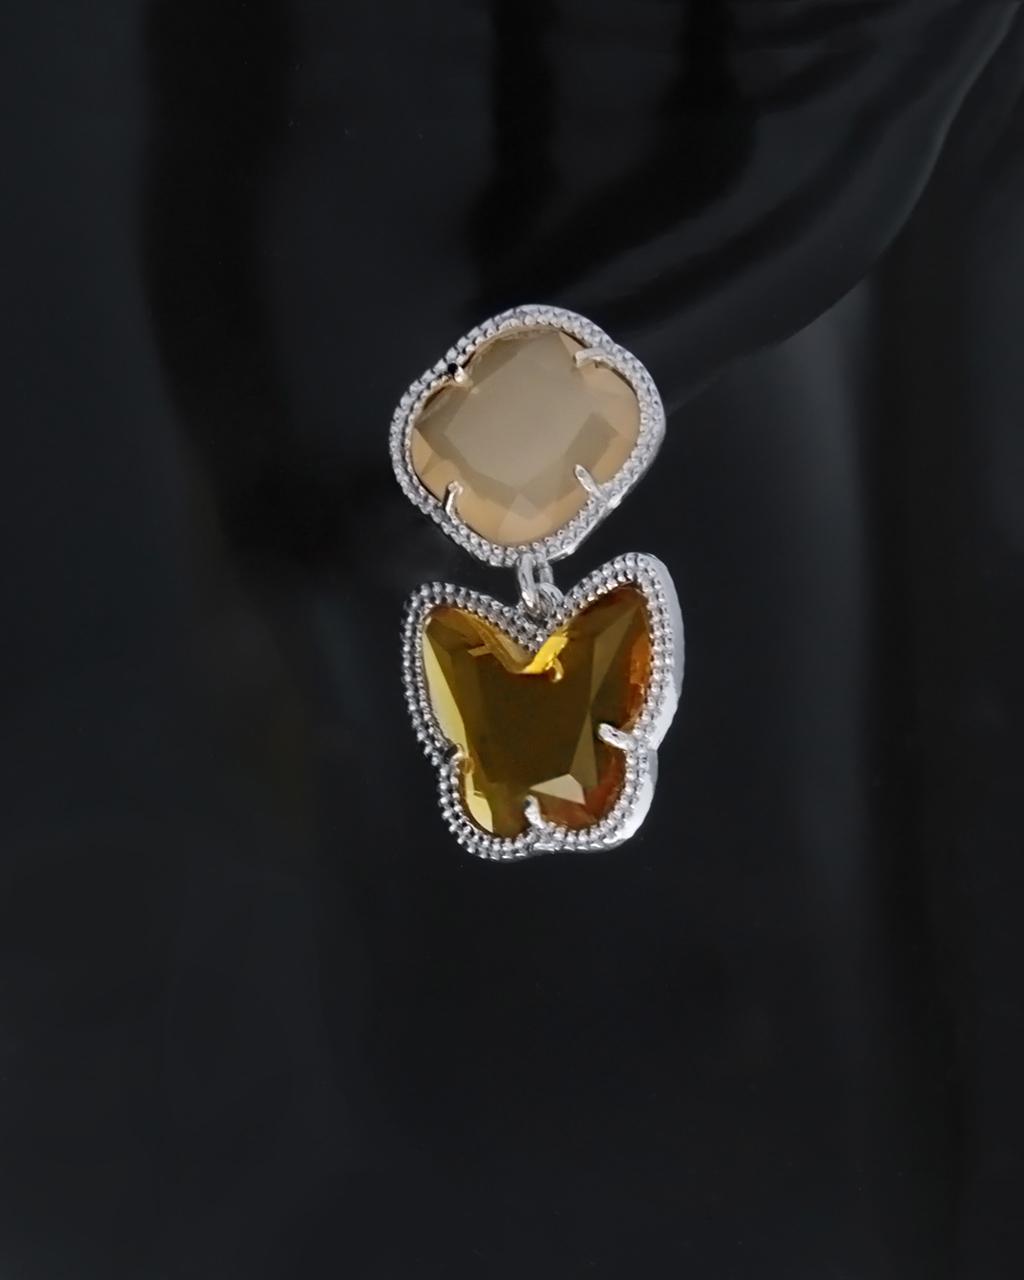 Σκουλαρίκια ασημένια 925 με Ζιργκόν & Ορυκτές πέτρες   γυναικα σκουλαρίκια σκουλαρίκια ημιπολύτιμοι λίθοι